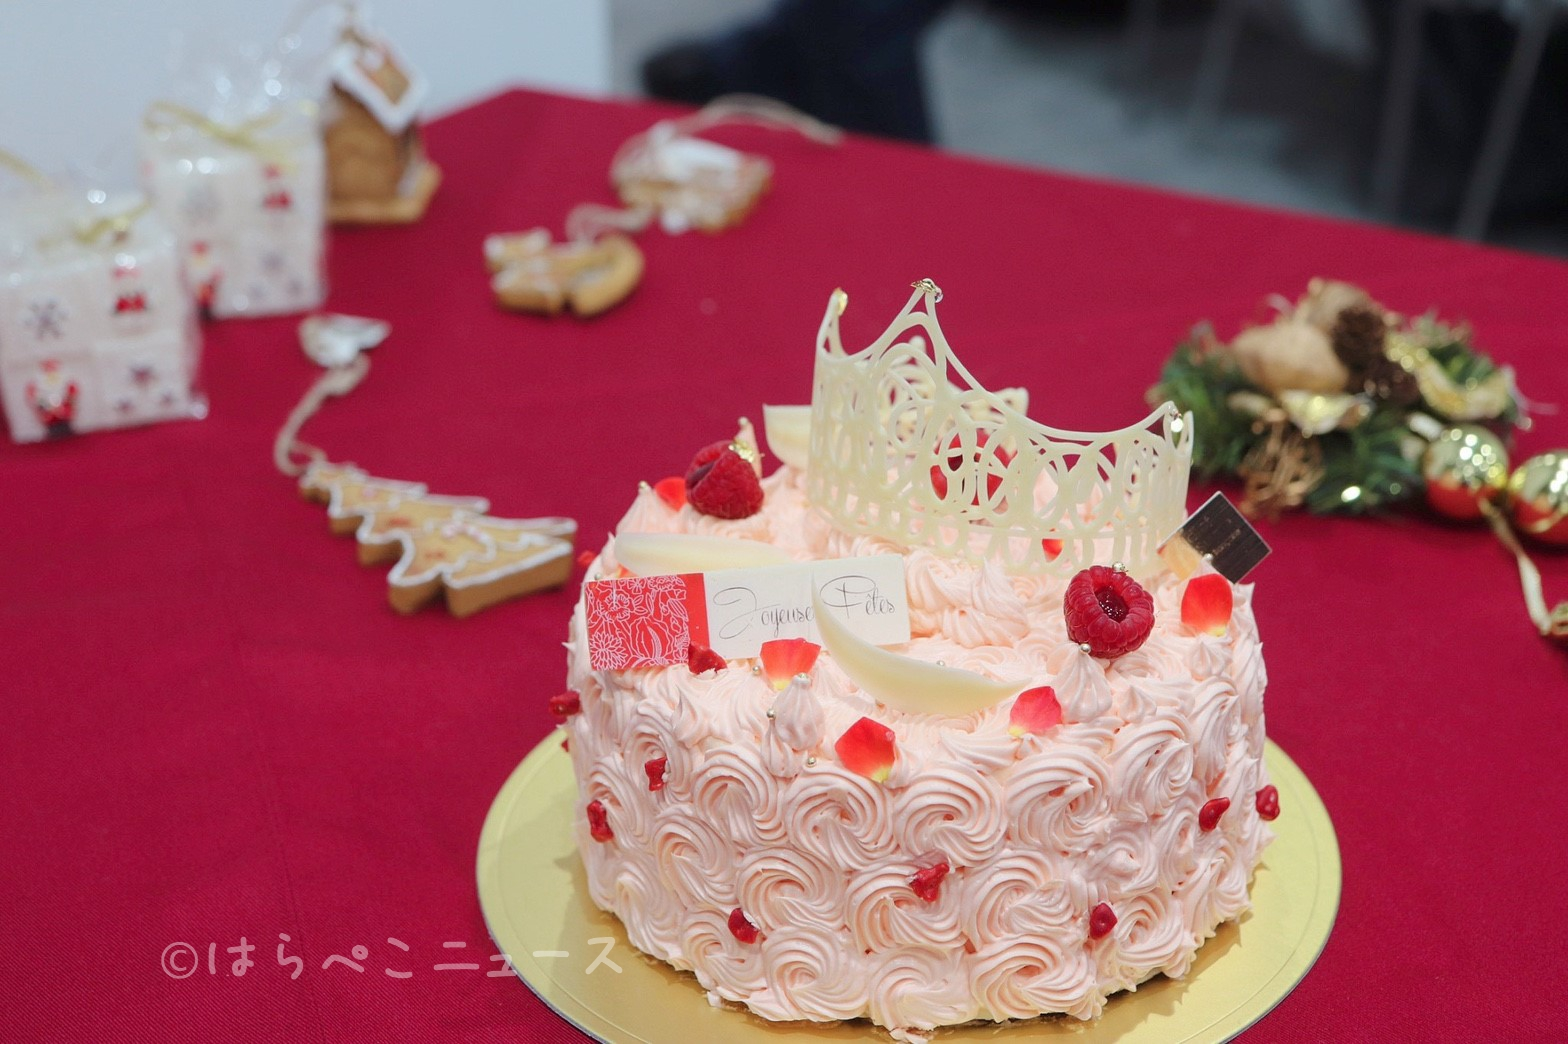 【試食レポ】伊勢丹新宿のクリスマスケーキ!「ISETAN CHRISTMAS CAKE&GIFT 2018」